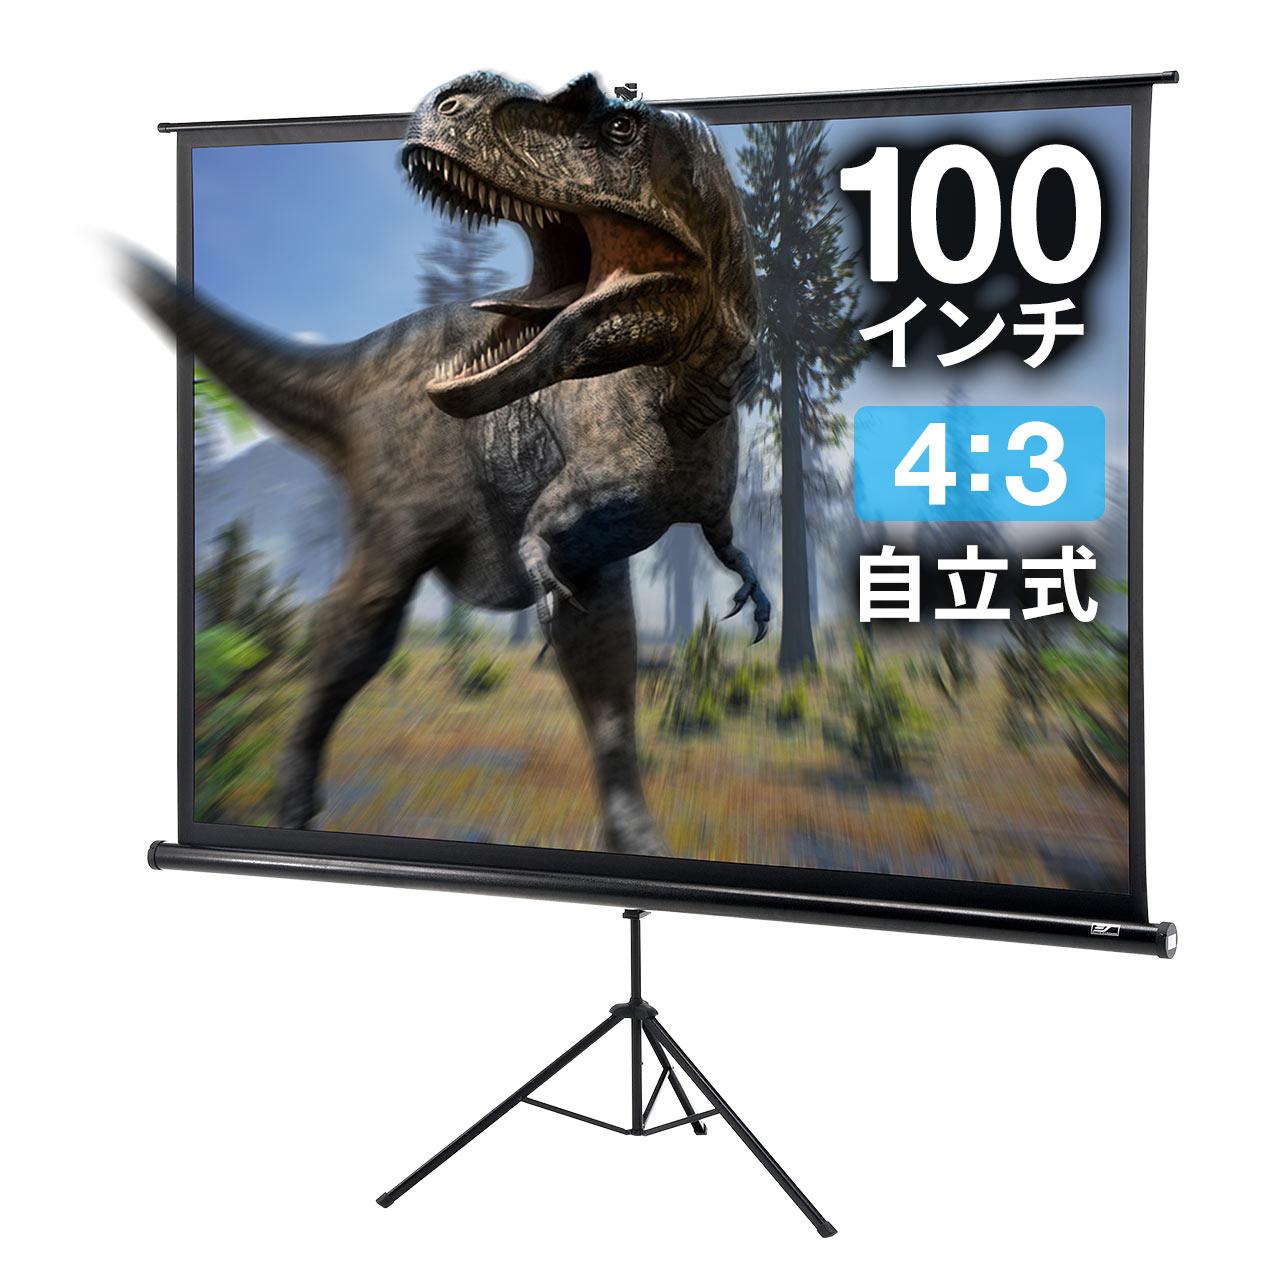 プロジェクタースクリーン スタンド式 100インチ 自立式 床置き 三脚式[100-PRS005]【サンワダイレクト限定品】【送料無料】